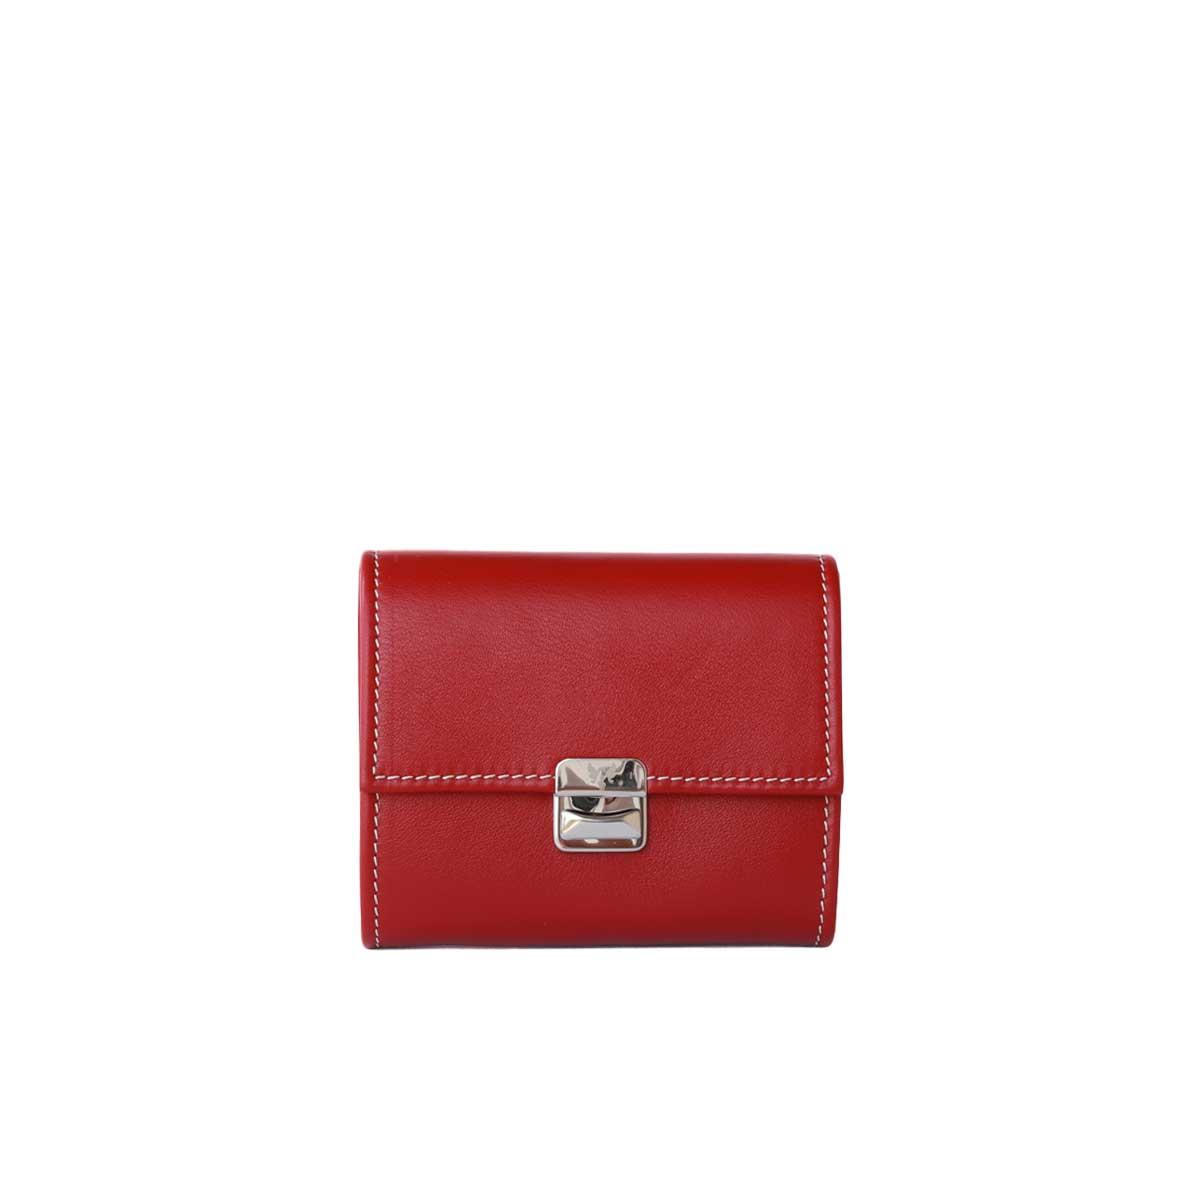 Kleines Damen Portemonnaie Scarlet Rot S